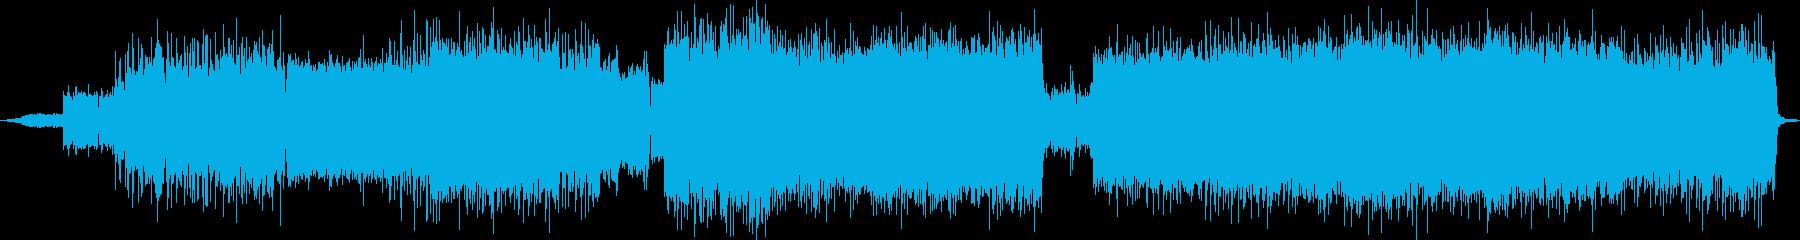 デジタルハードロックチューンの再生済みの波形